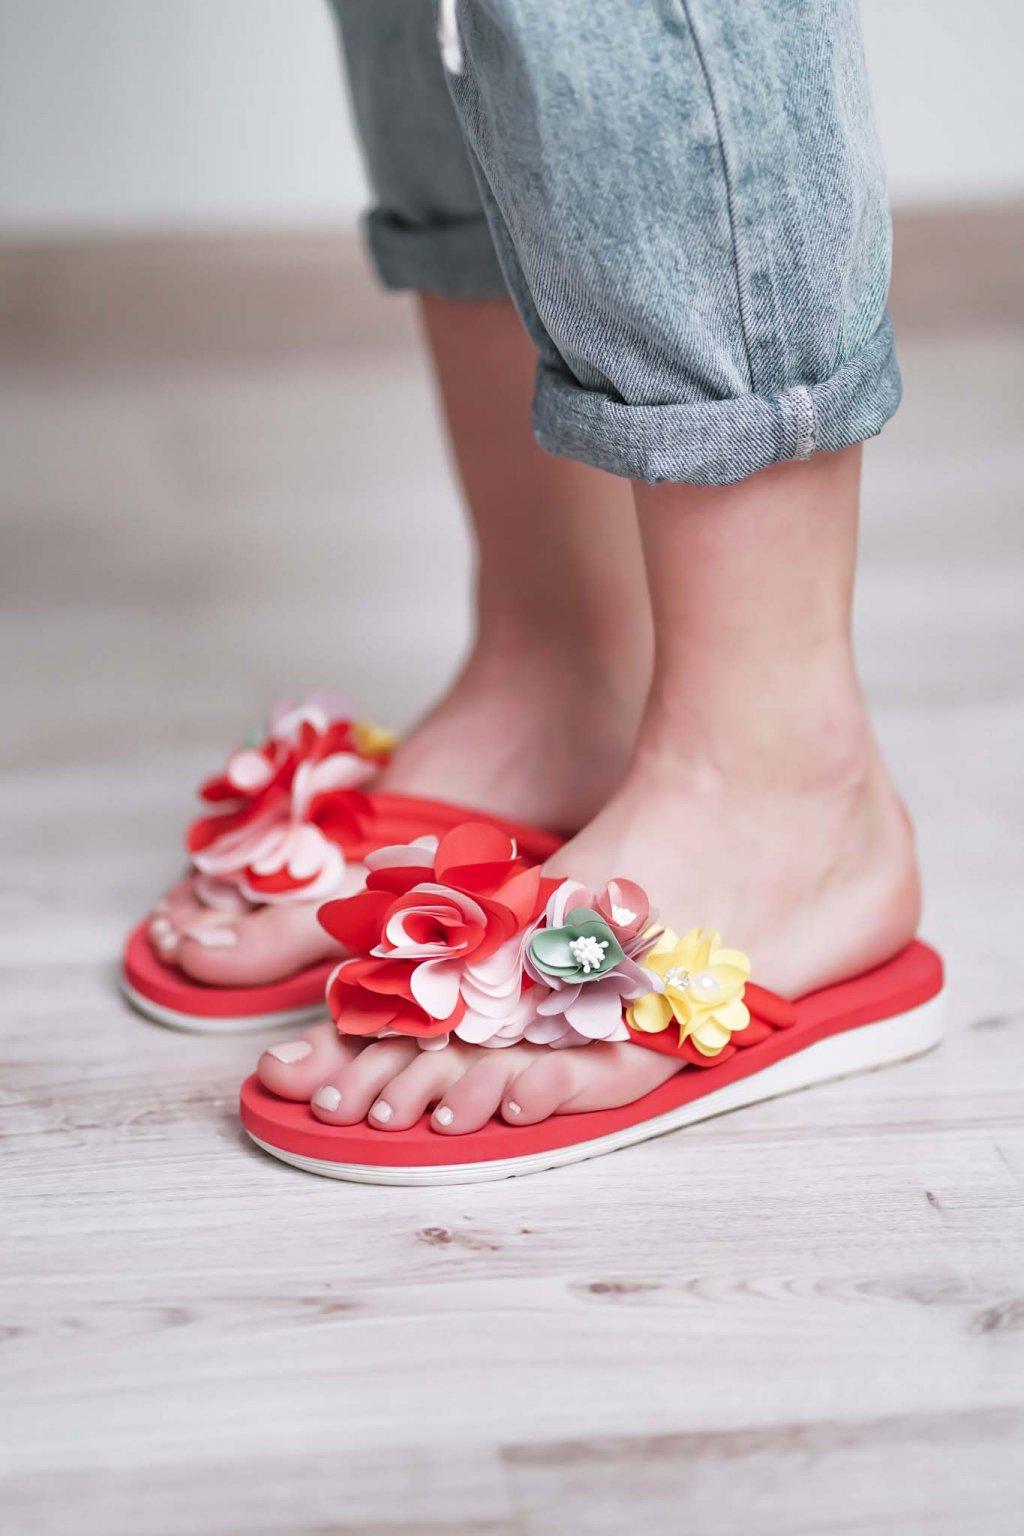 šľapky, papučky, papuče, espadrilky, spoločenska obuc, obuv na bežny deň, letná obuv, darček pre ňu, 094